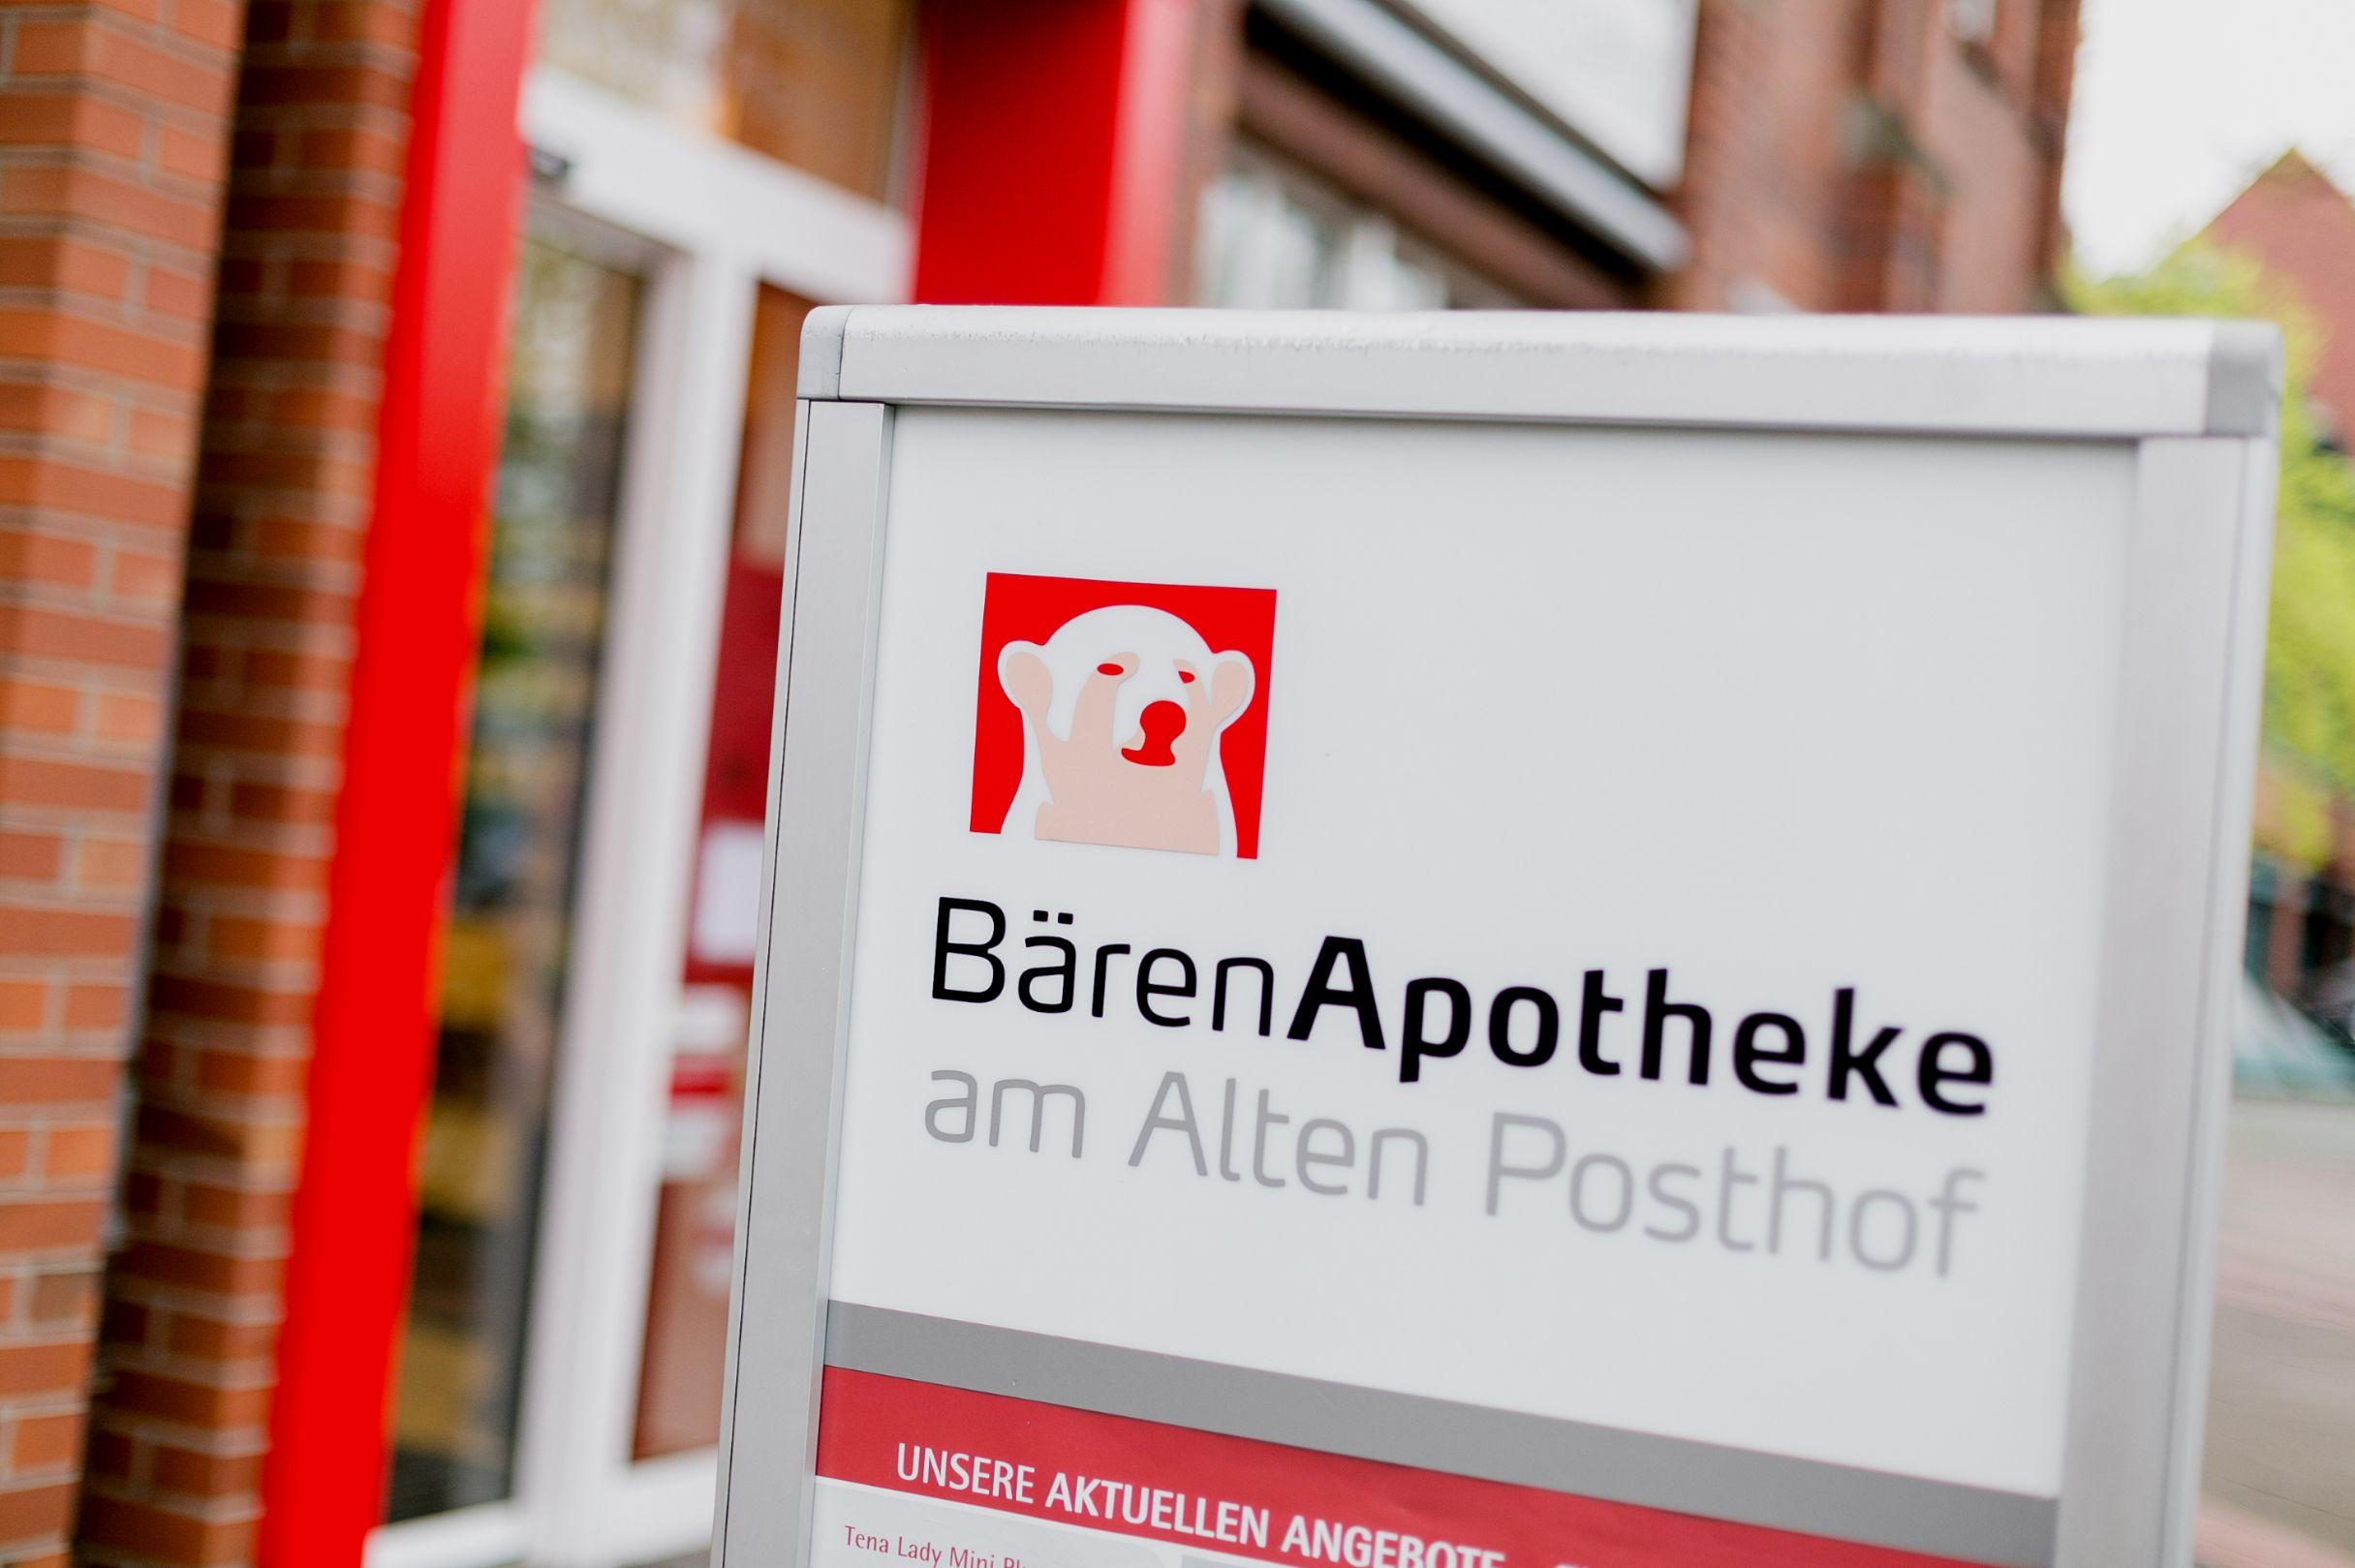 Bären Apotheke am Alten Posthof